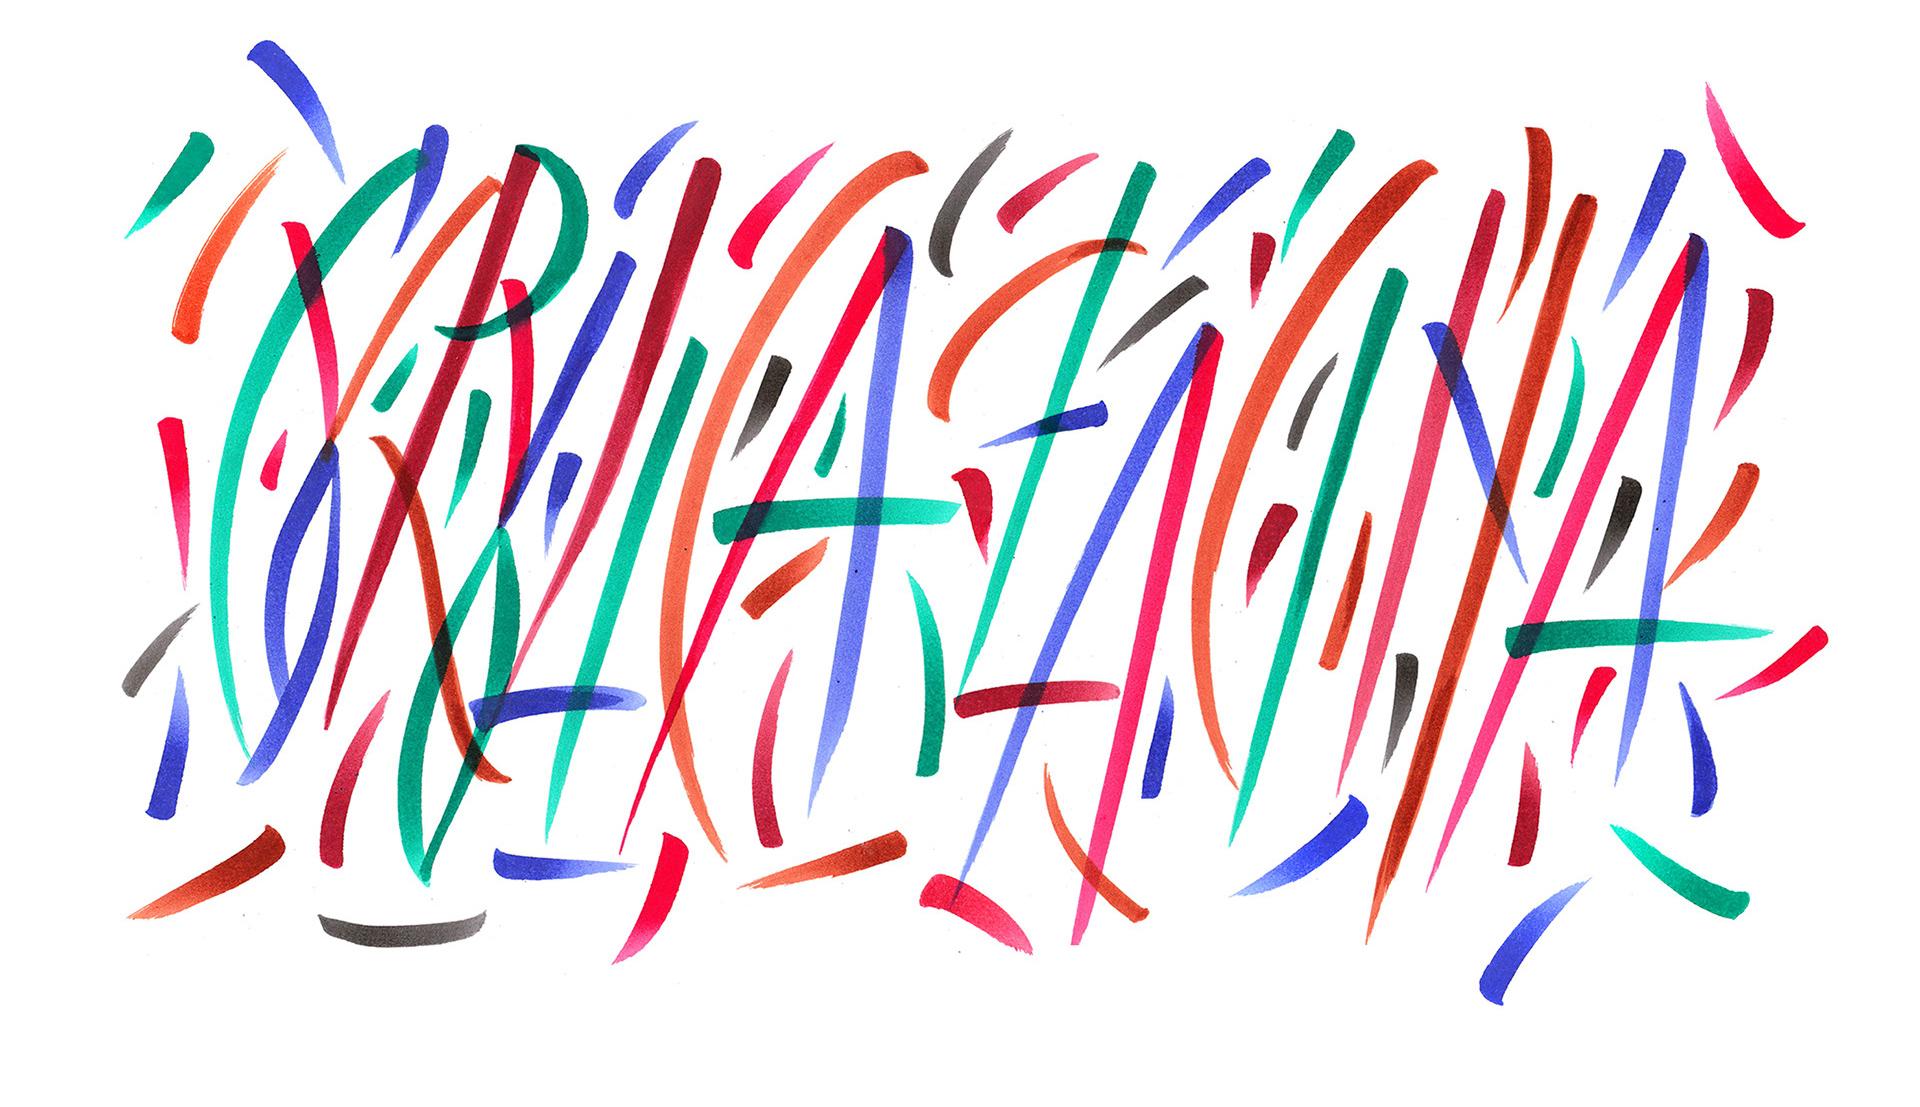 Poznan_letters